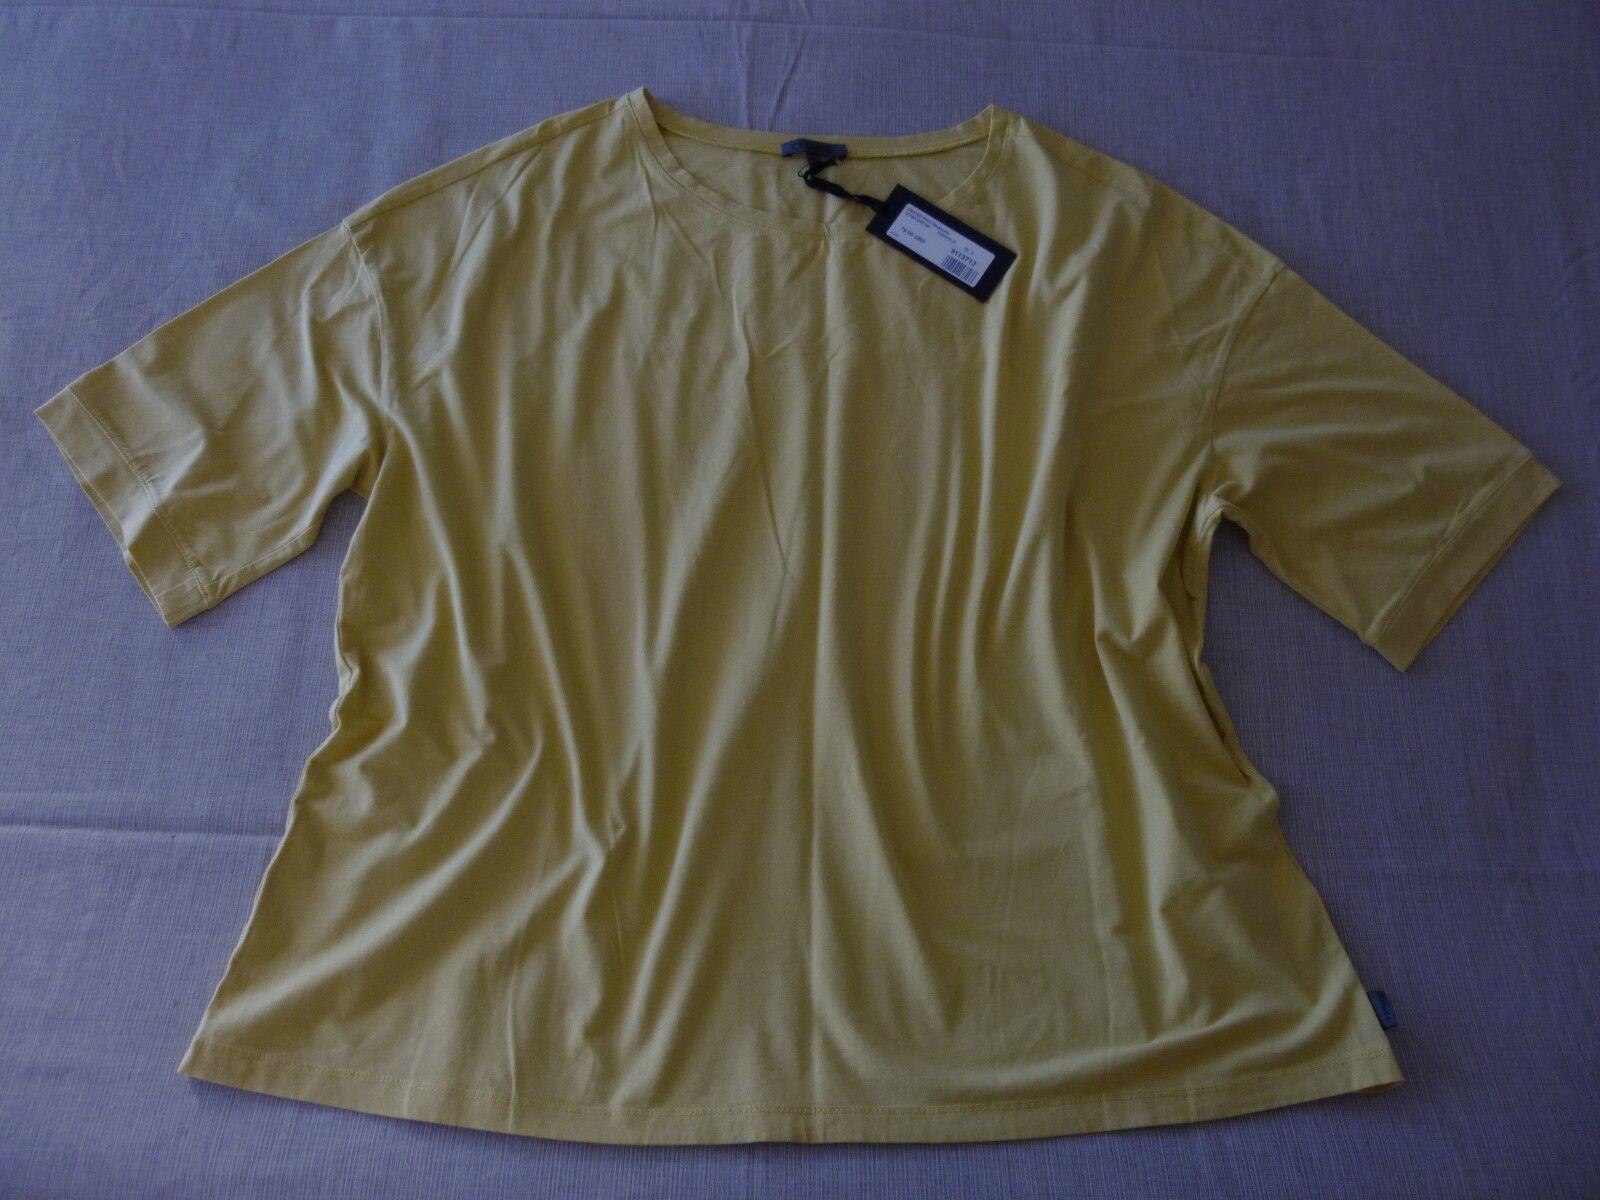 SALE  NWT OSKA  Beesche  1 2 Sleeve Raw Edge Detail Top - Größe 3 14 16UK RRP